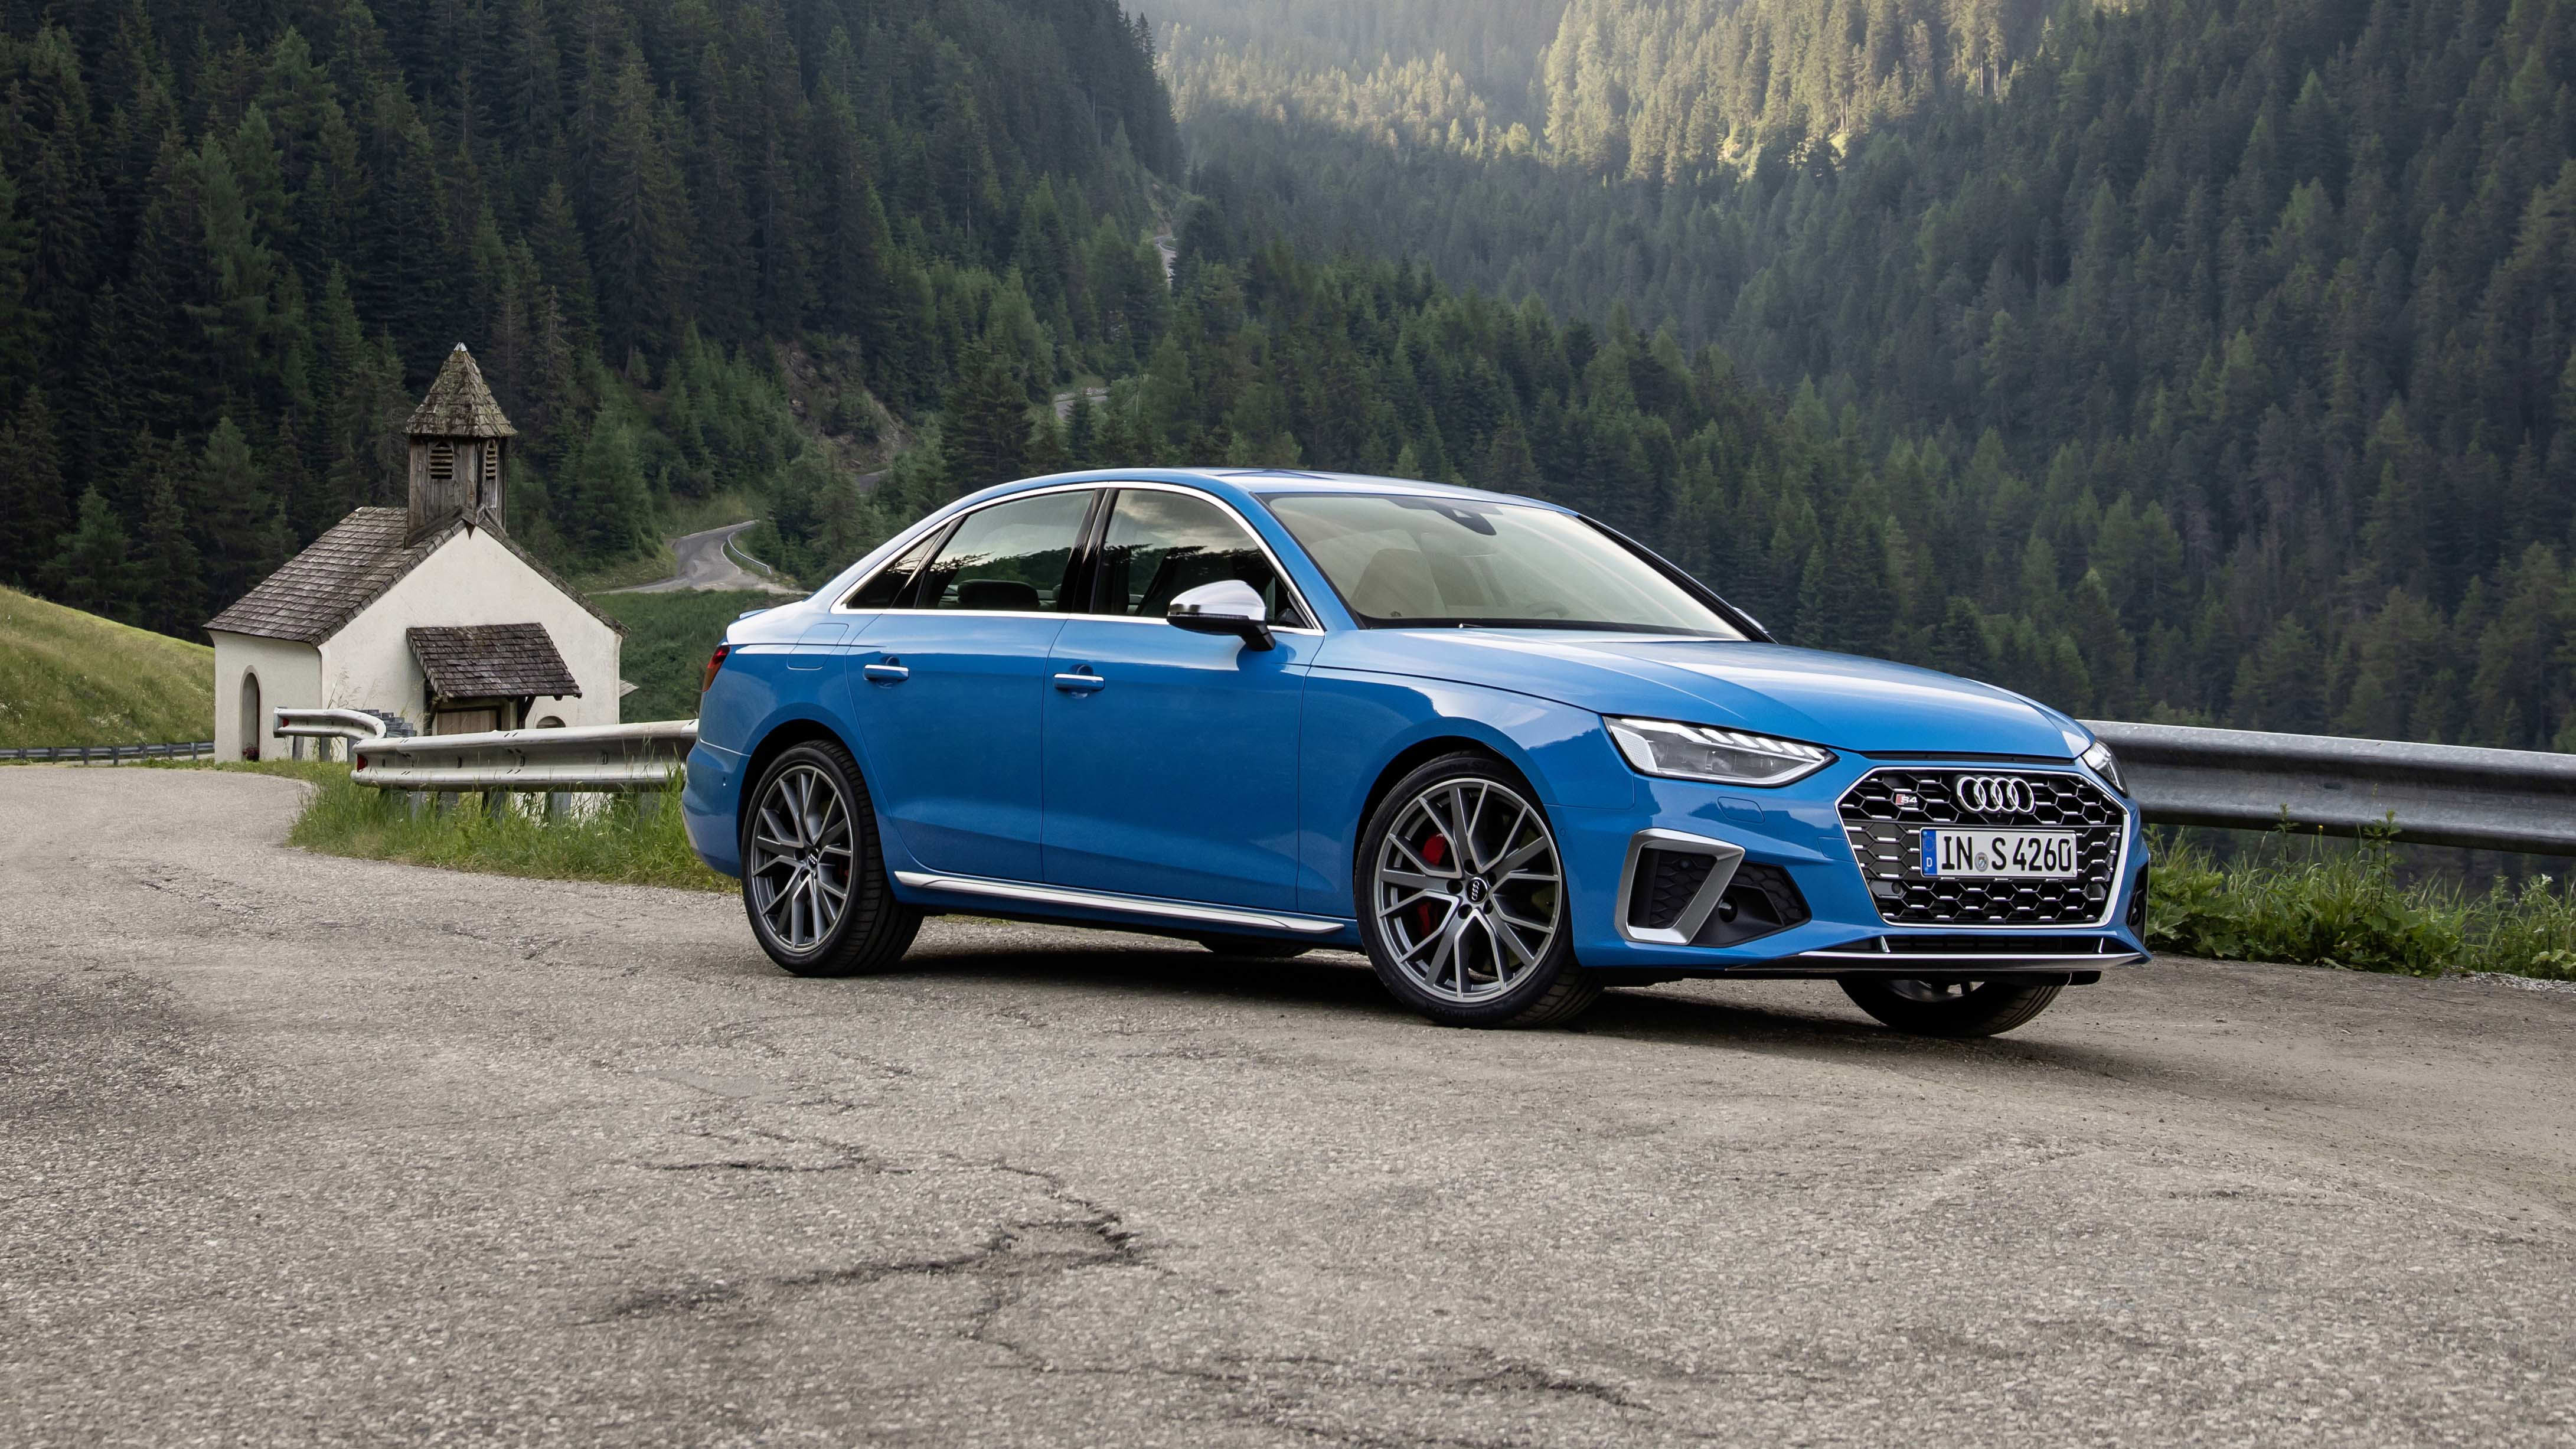 Kelebihan Audi A4 Design Perbandingan Harga